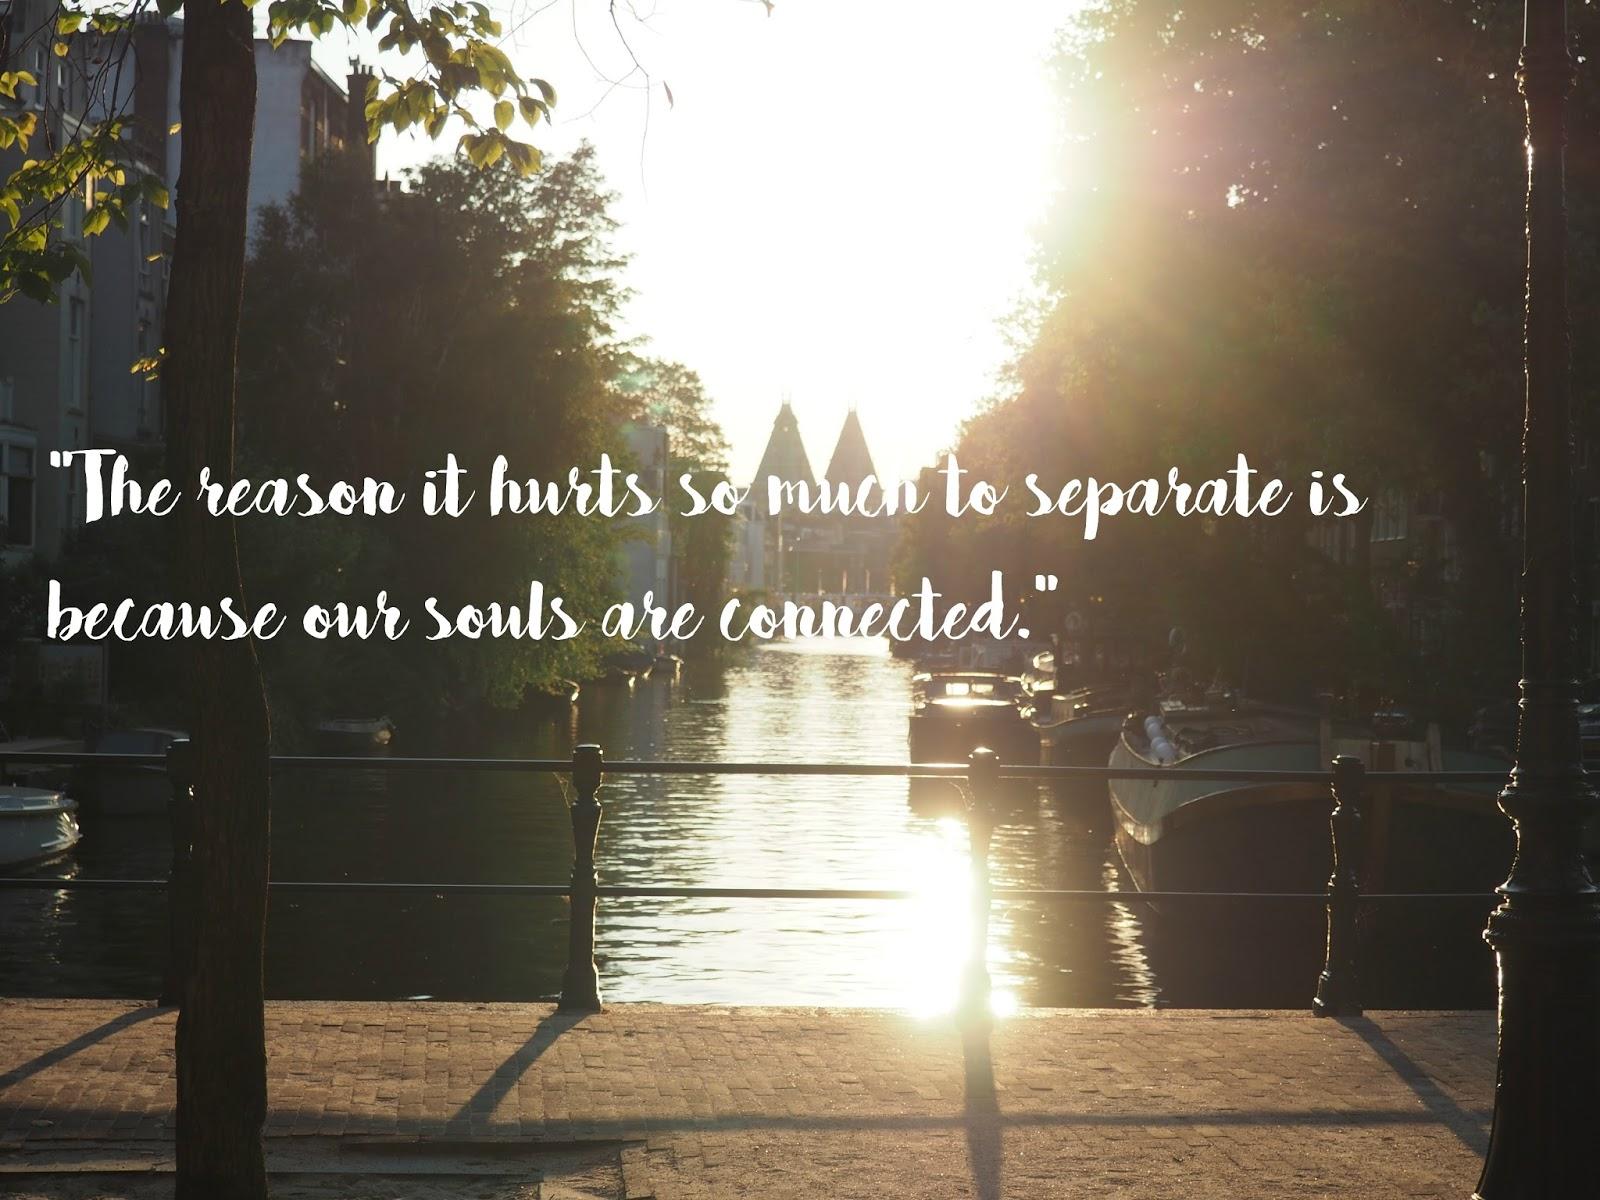 Schönste Zitate von Nicholas Sparks - Quotes from Nicholas